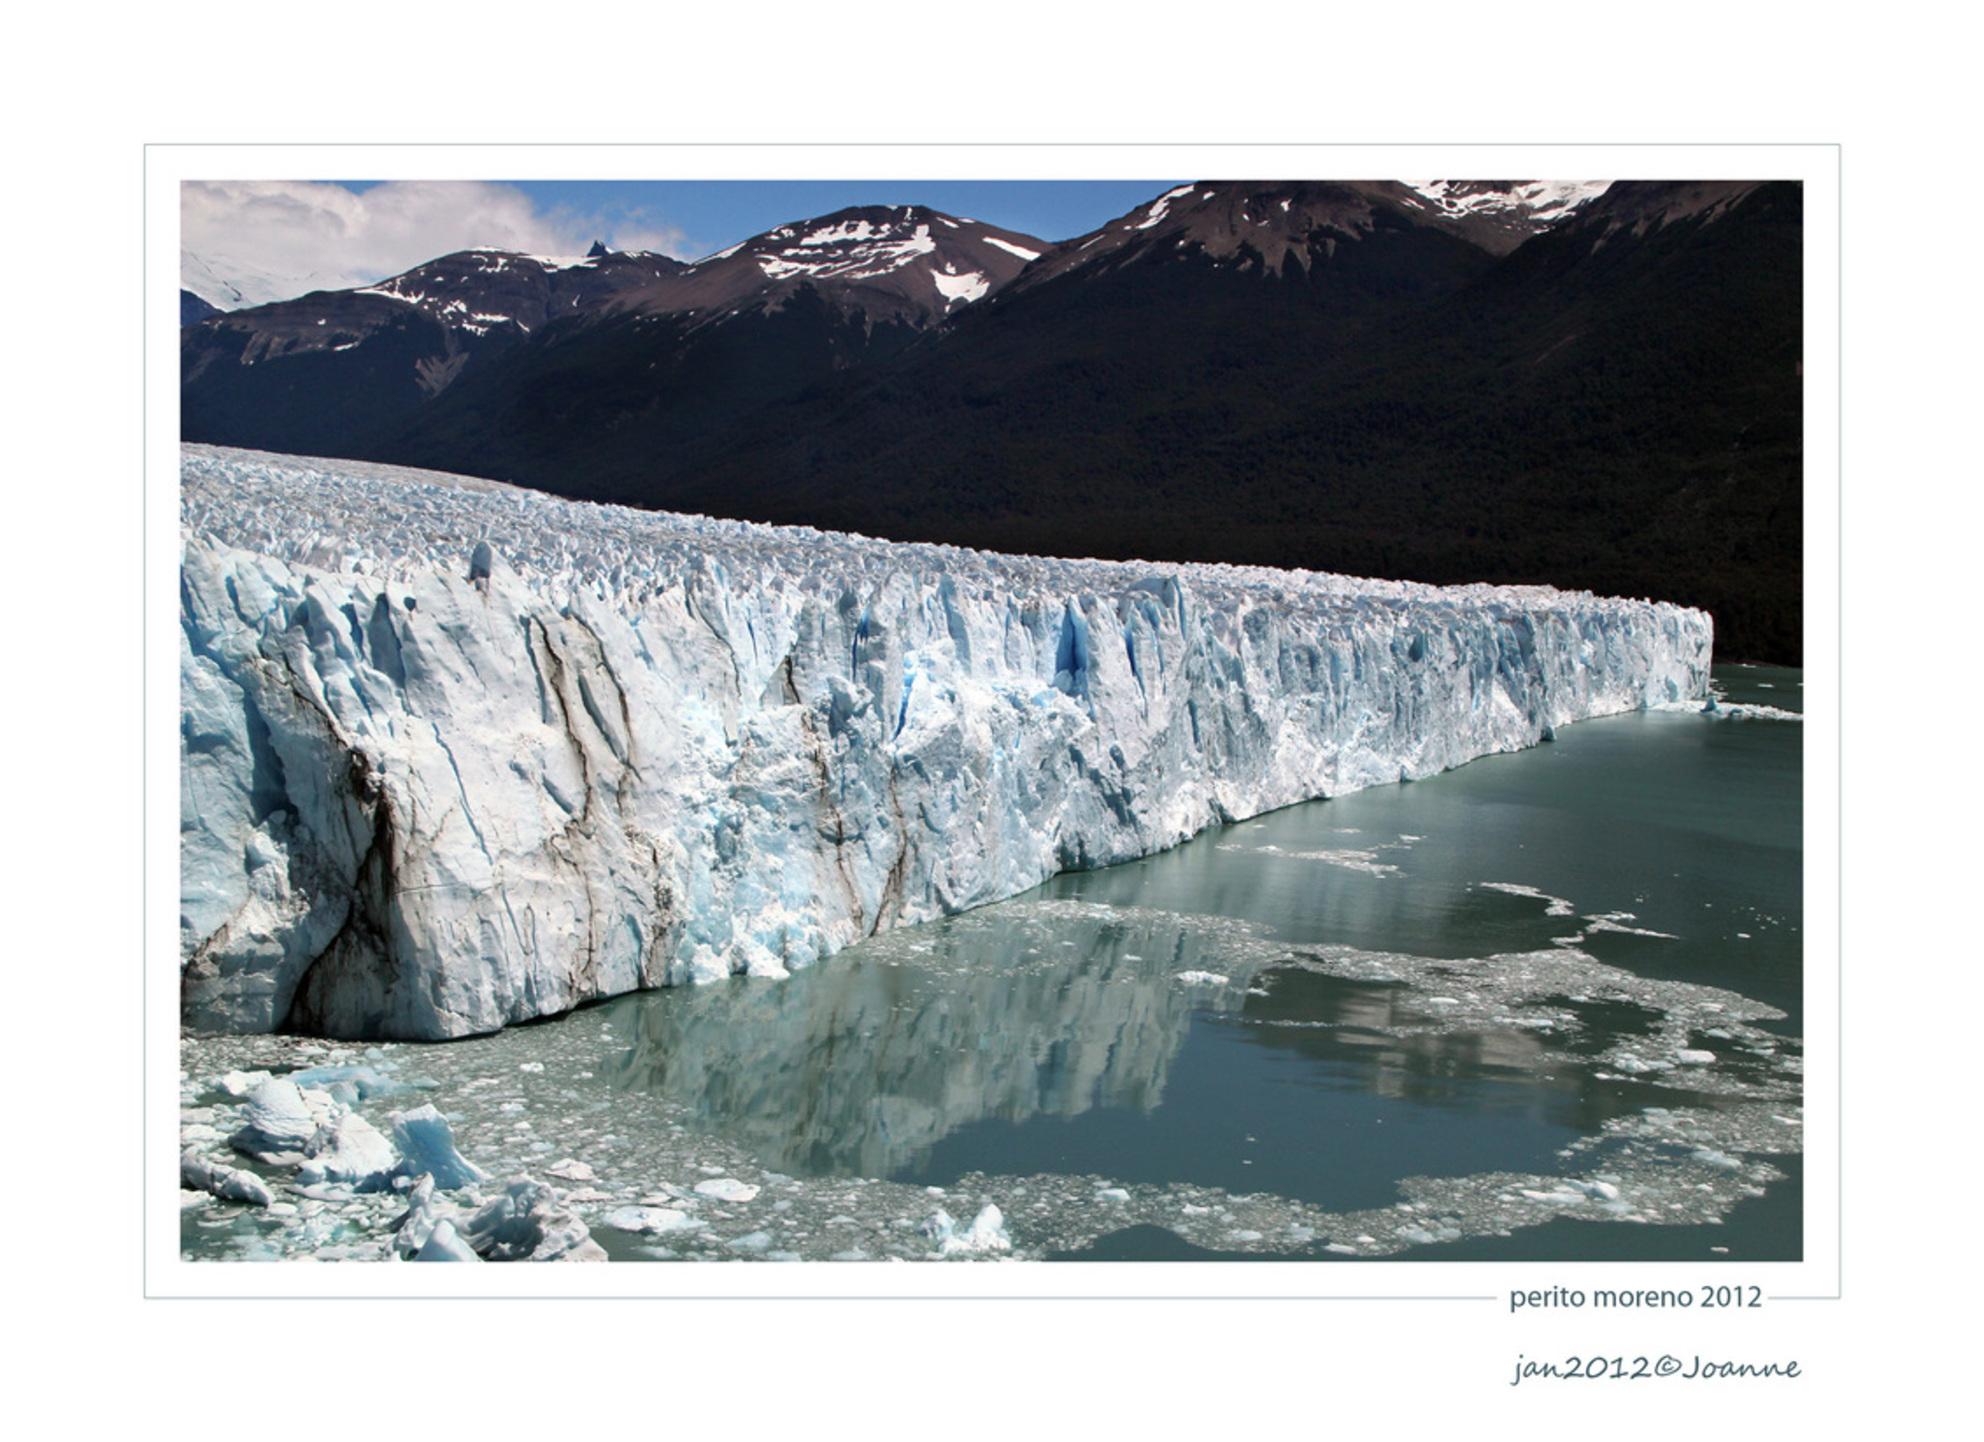 perito moreno - een indrukwekkende gletsjer in Patagonië. Het ijs van de gletsjer is blauw en er vallen steeds stukken af. - foto door Lathyrus op 20-01-2012 - deze foto bevat: gletsjer, argentinie, patagonie, Perito Moreno - Deze foto mag gebruikt worden in een Zoom.nl publicatie